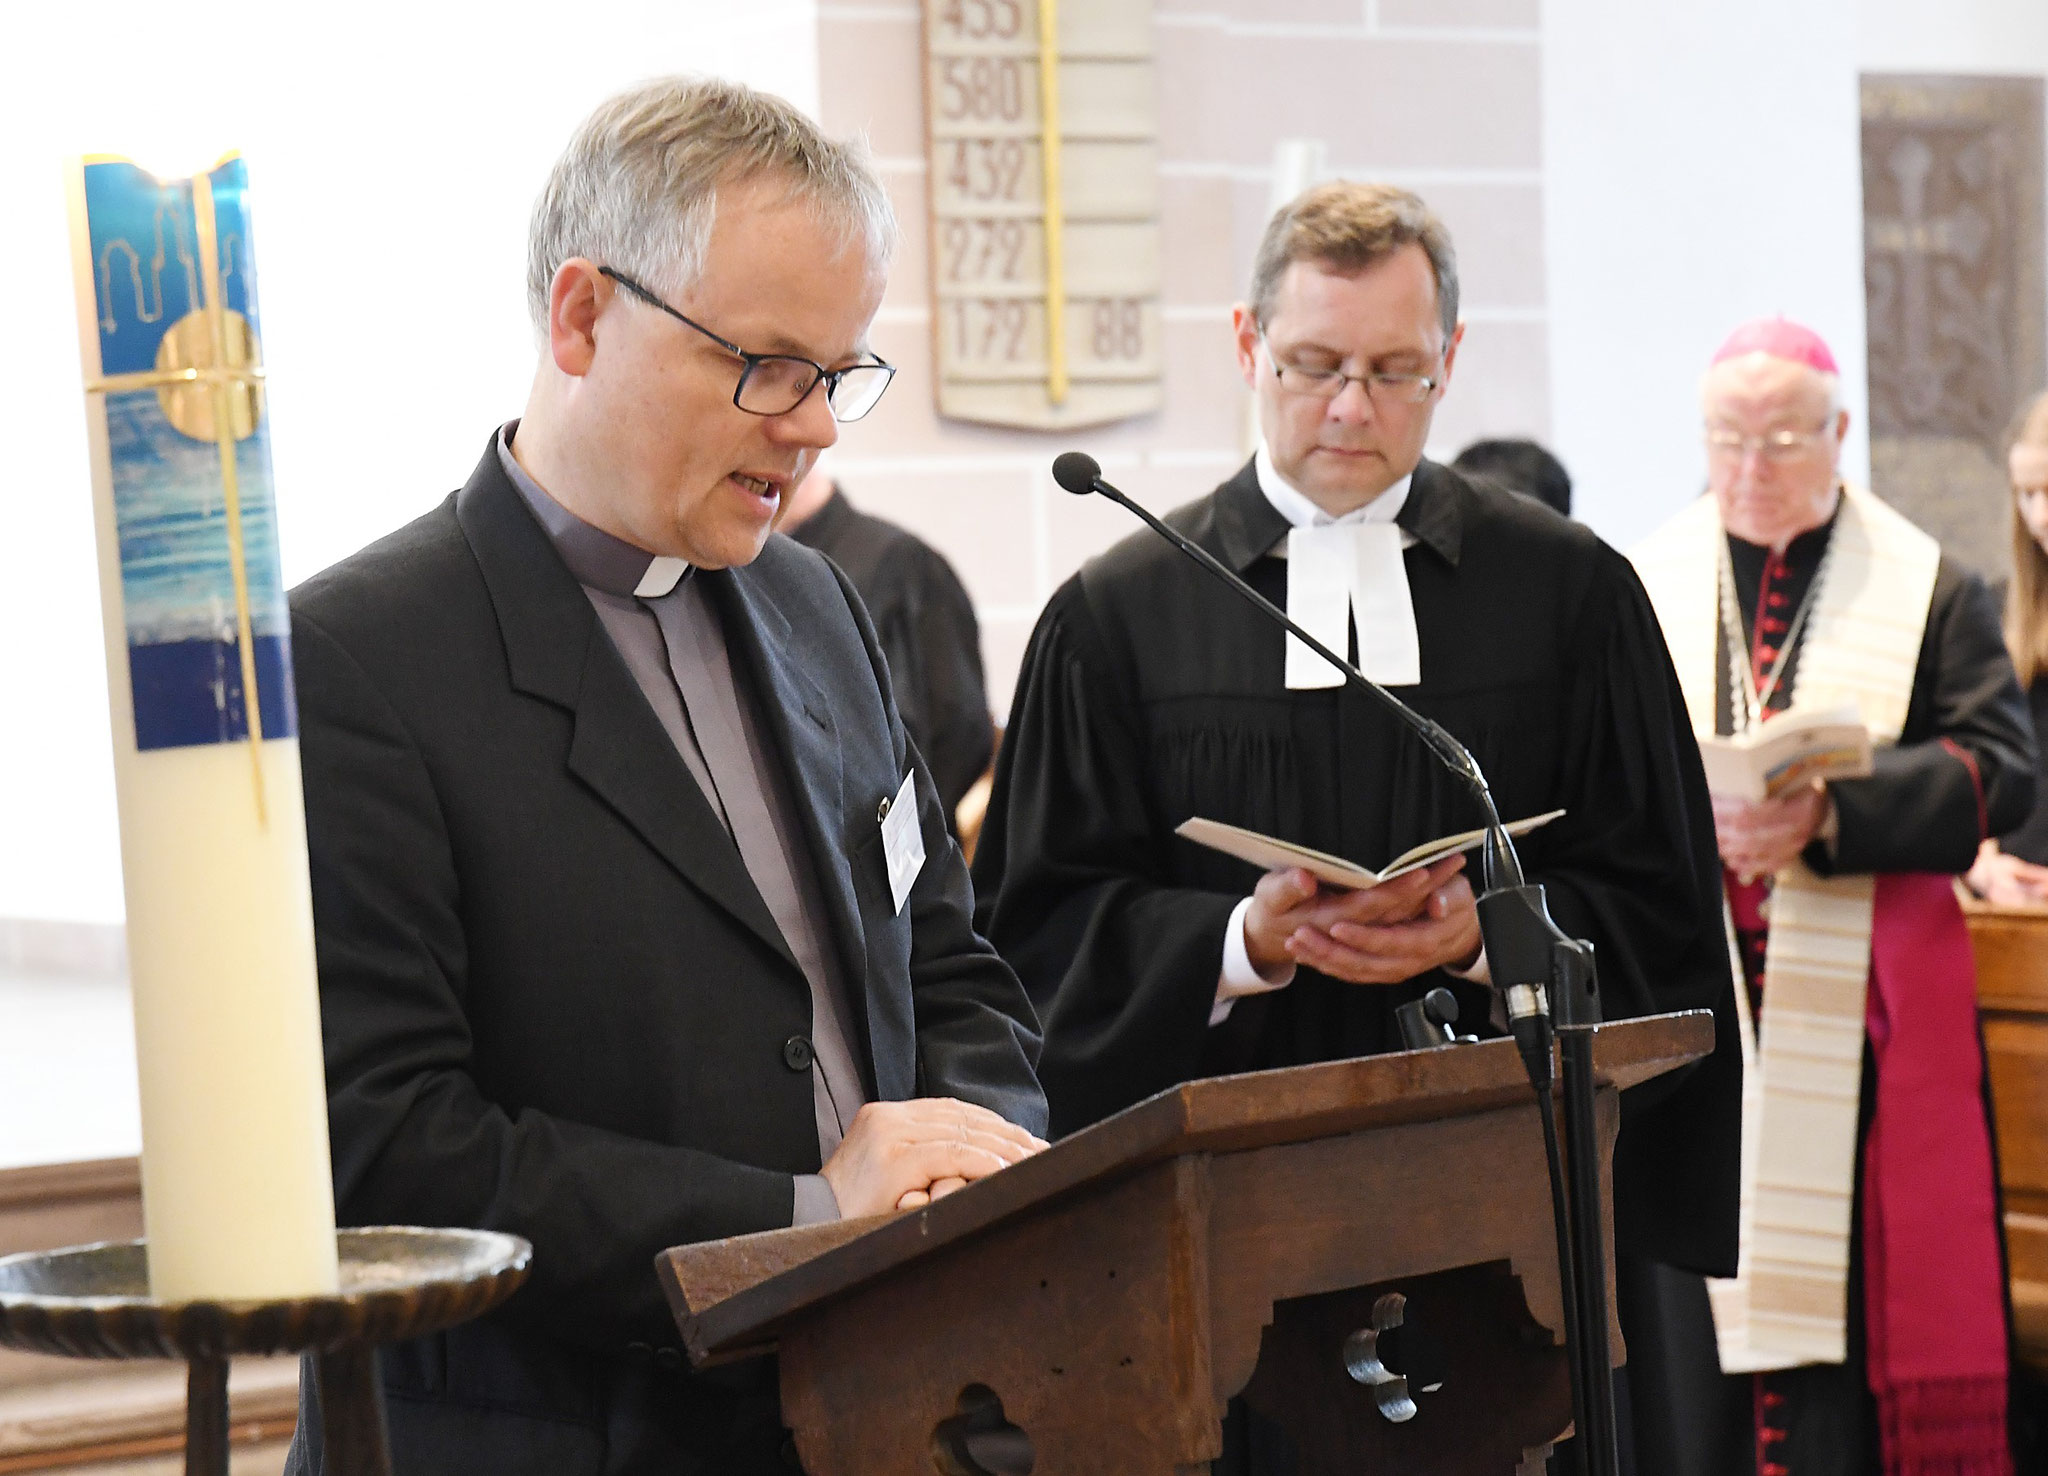 Pfarrer Dr. Christian Hohmann und Pfarrer Gunnar Wirth. Foto: Maria Hopp